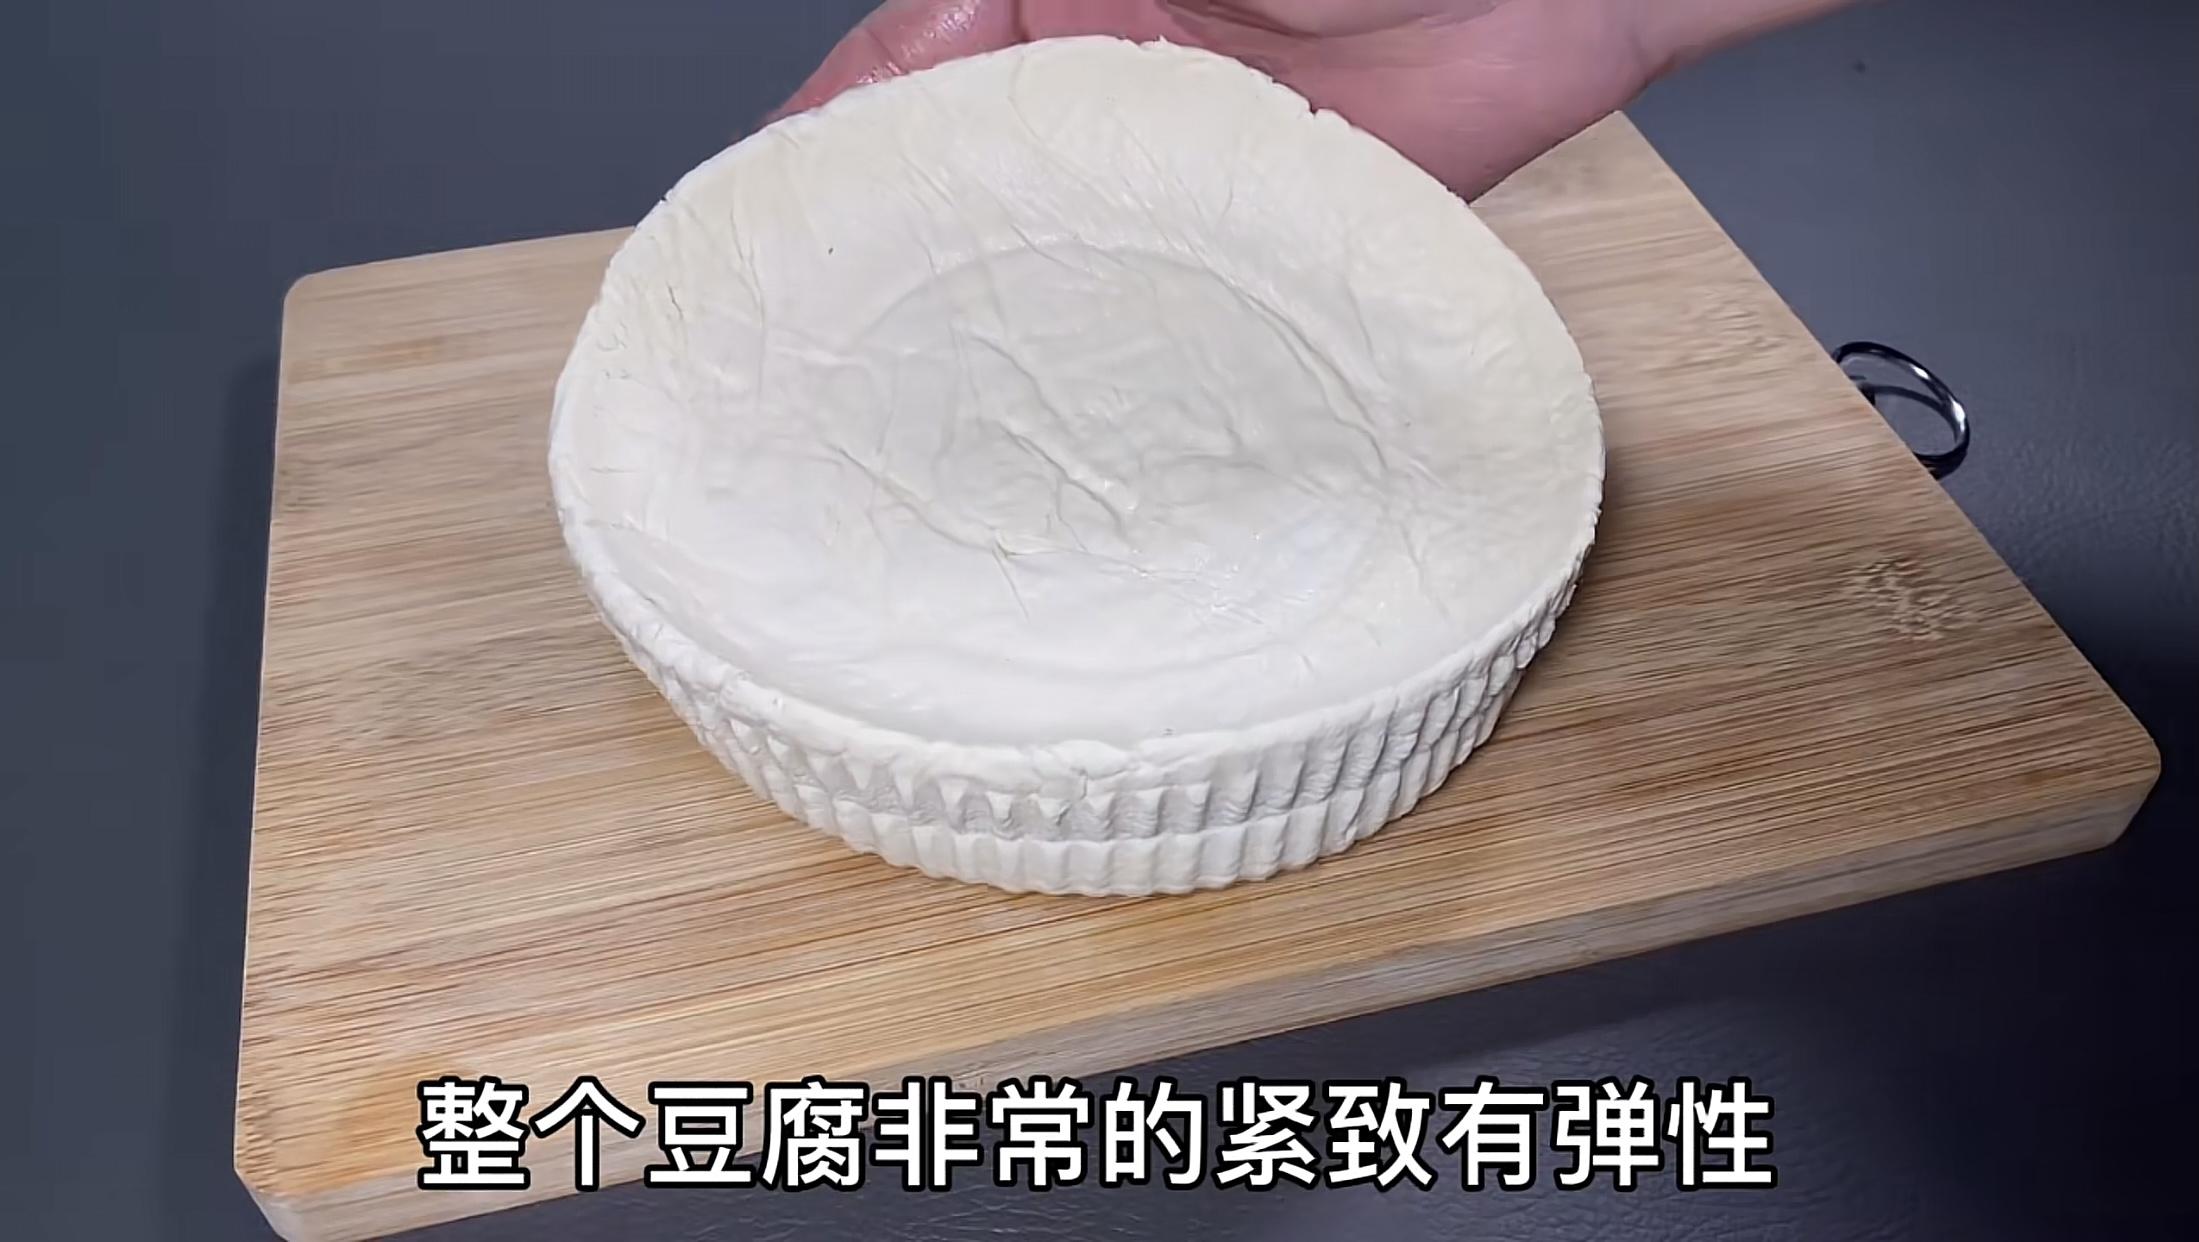 自製豆腐,原來這麼簡單,一碗黃豆,出6斤豆腐,健康又營養